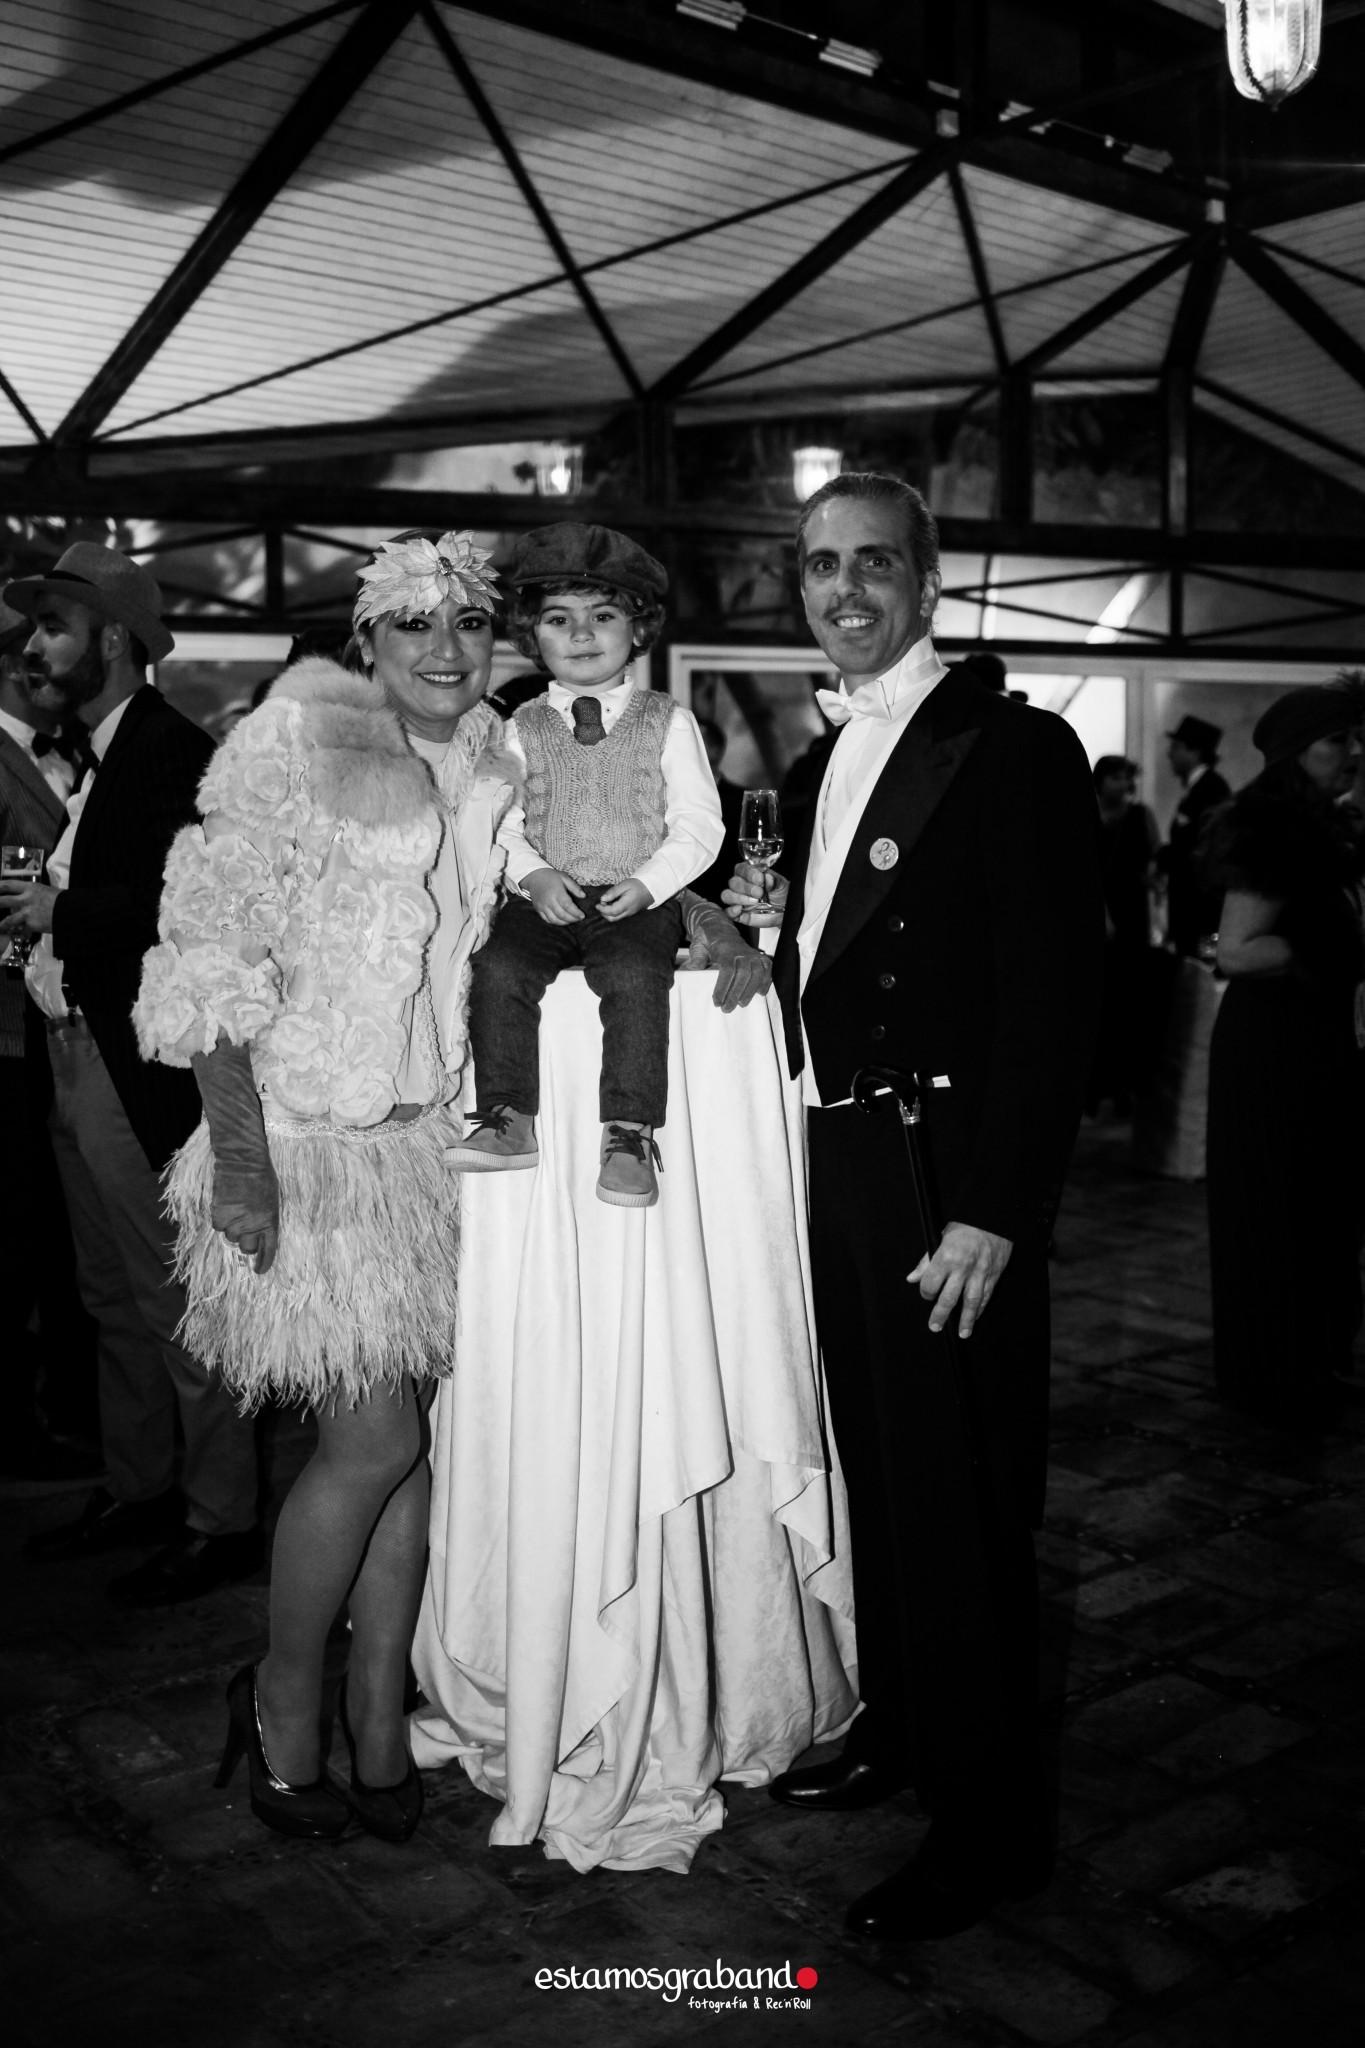 Años-20-BBTP-33-de-109 Los locos Años 20 [Fotografía en La Teta de Julieta, Cádiz] - video boda cadiz